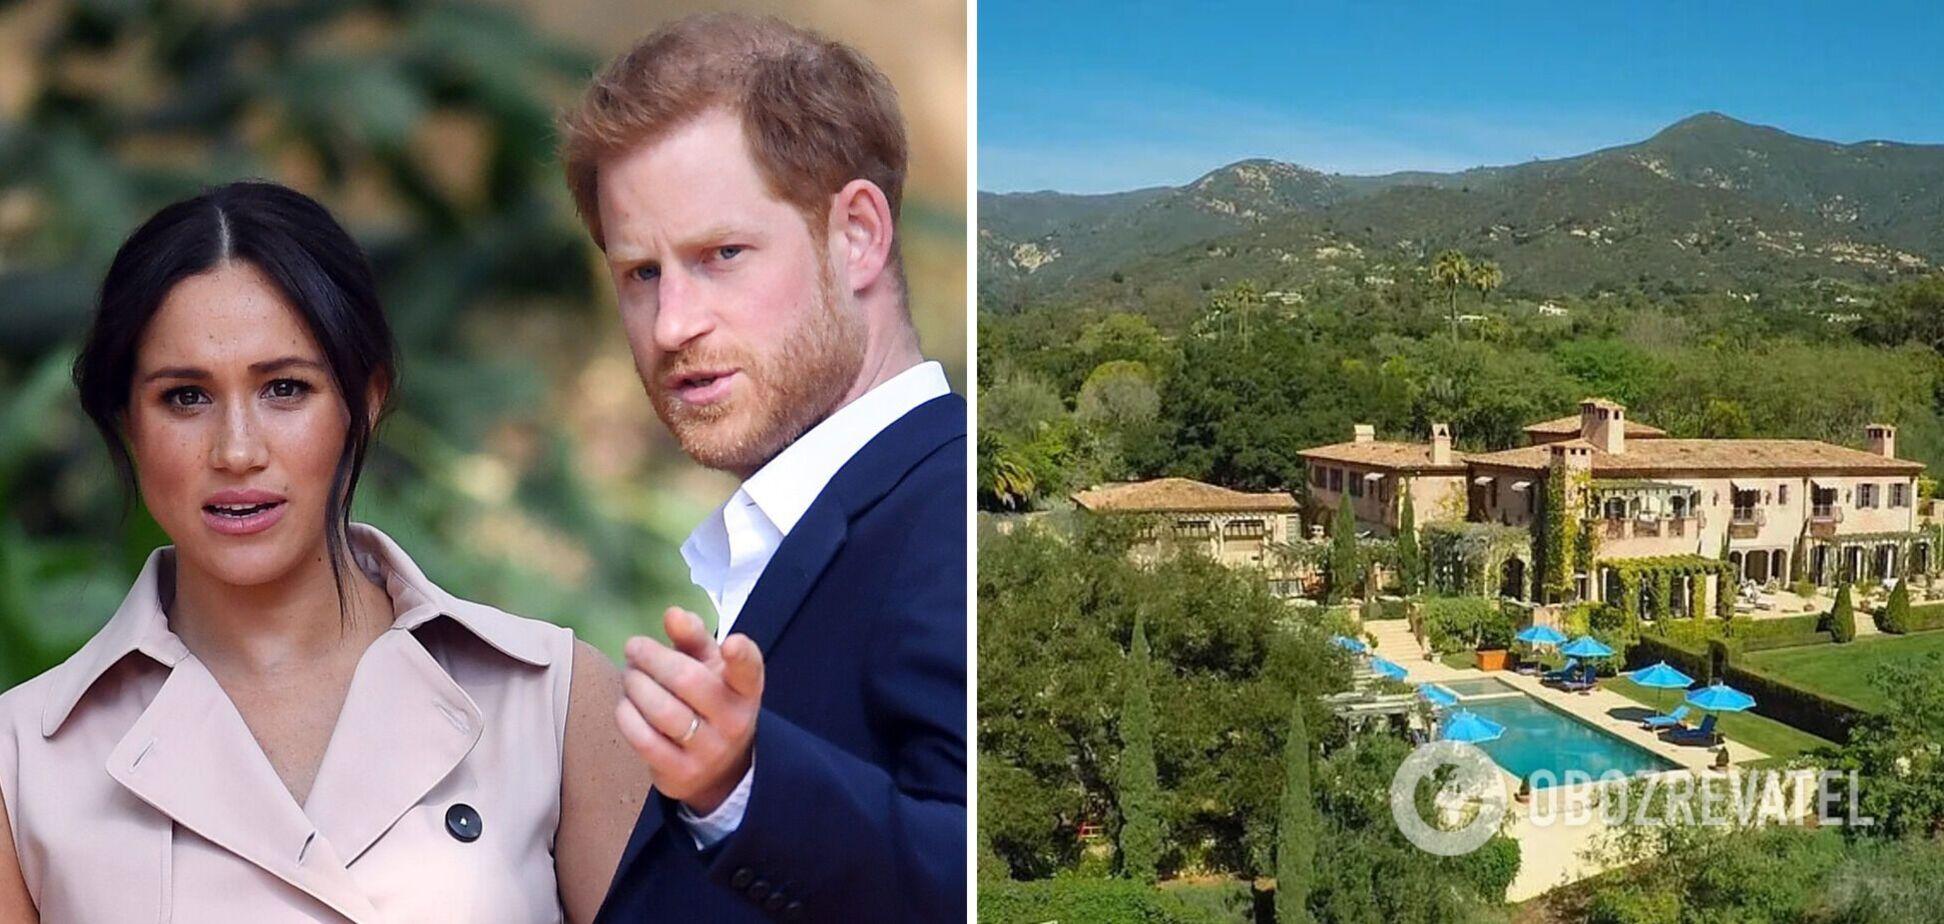 Біля маєтку принца Гаррі і Меган Маркл знайшли людські останки